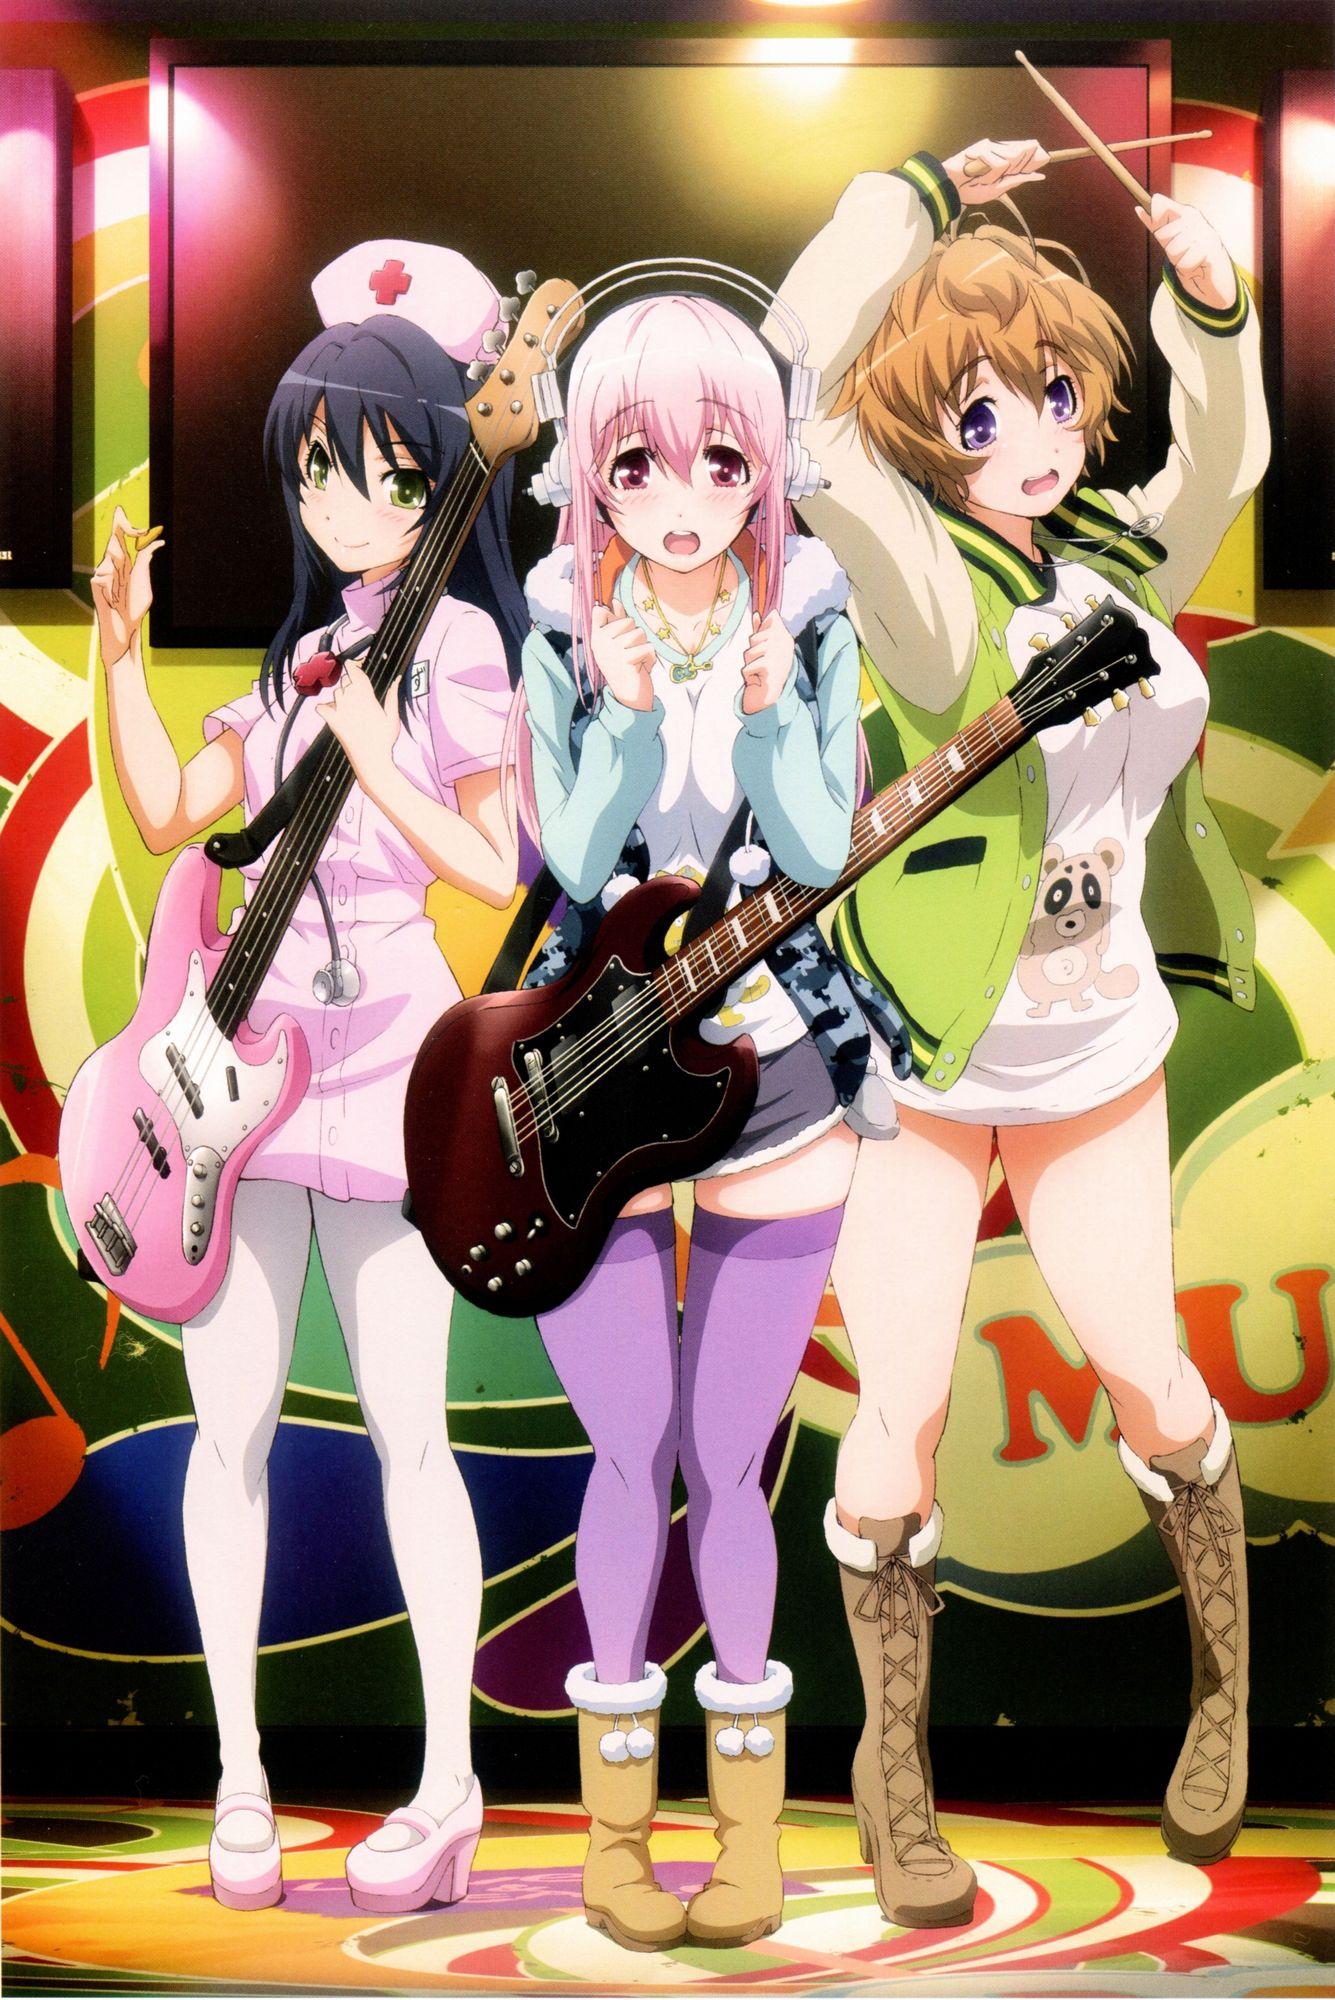 Anime Onegai agrega a su catálogo dos animes y anuncia una versión mejorada de su APP